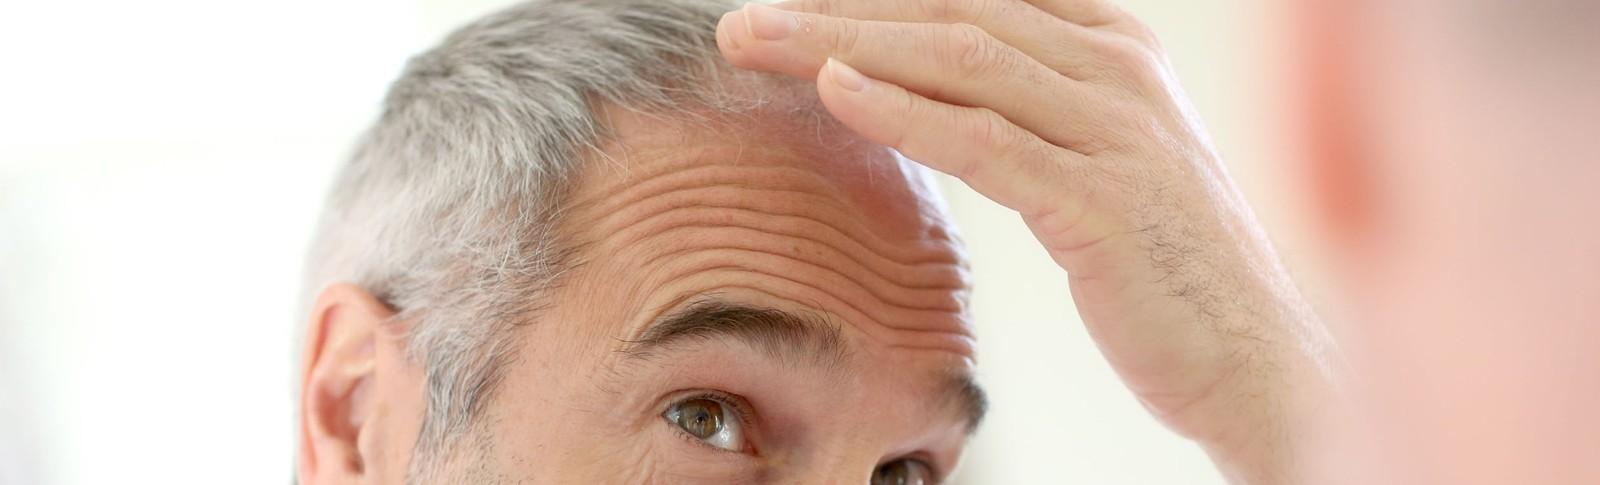 Mann betrachtet seinen Kopf nach einer Haartransplantation bei Glatze